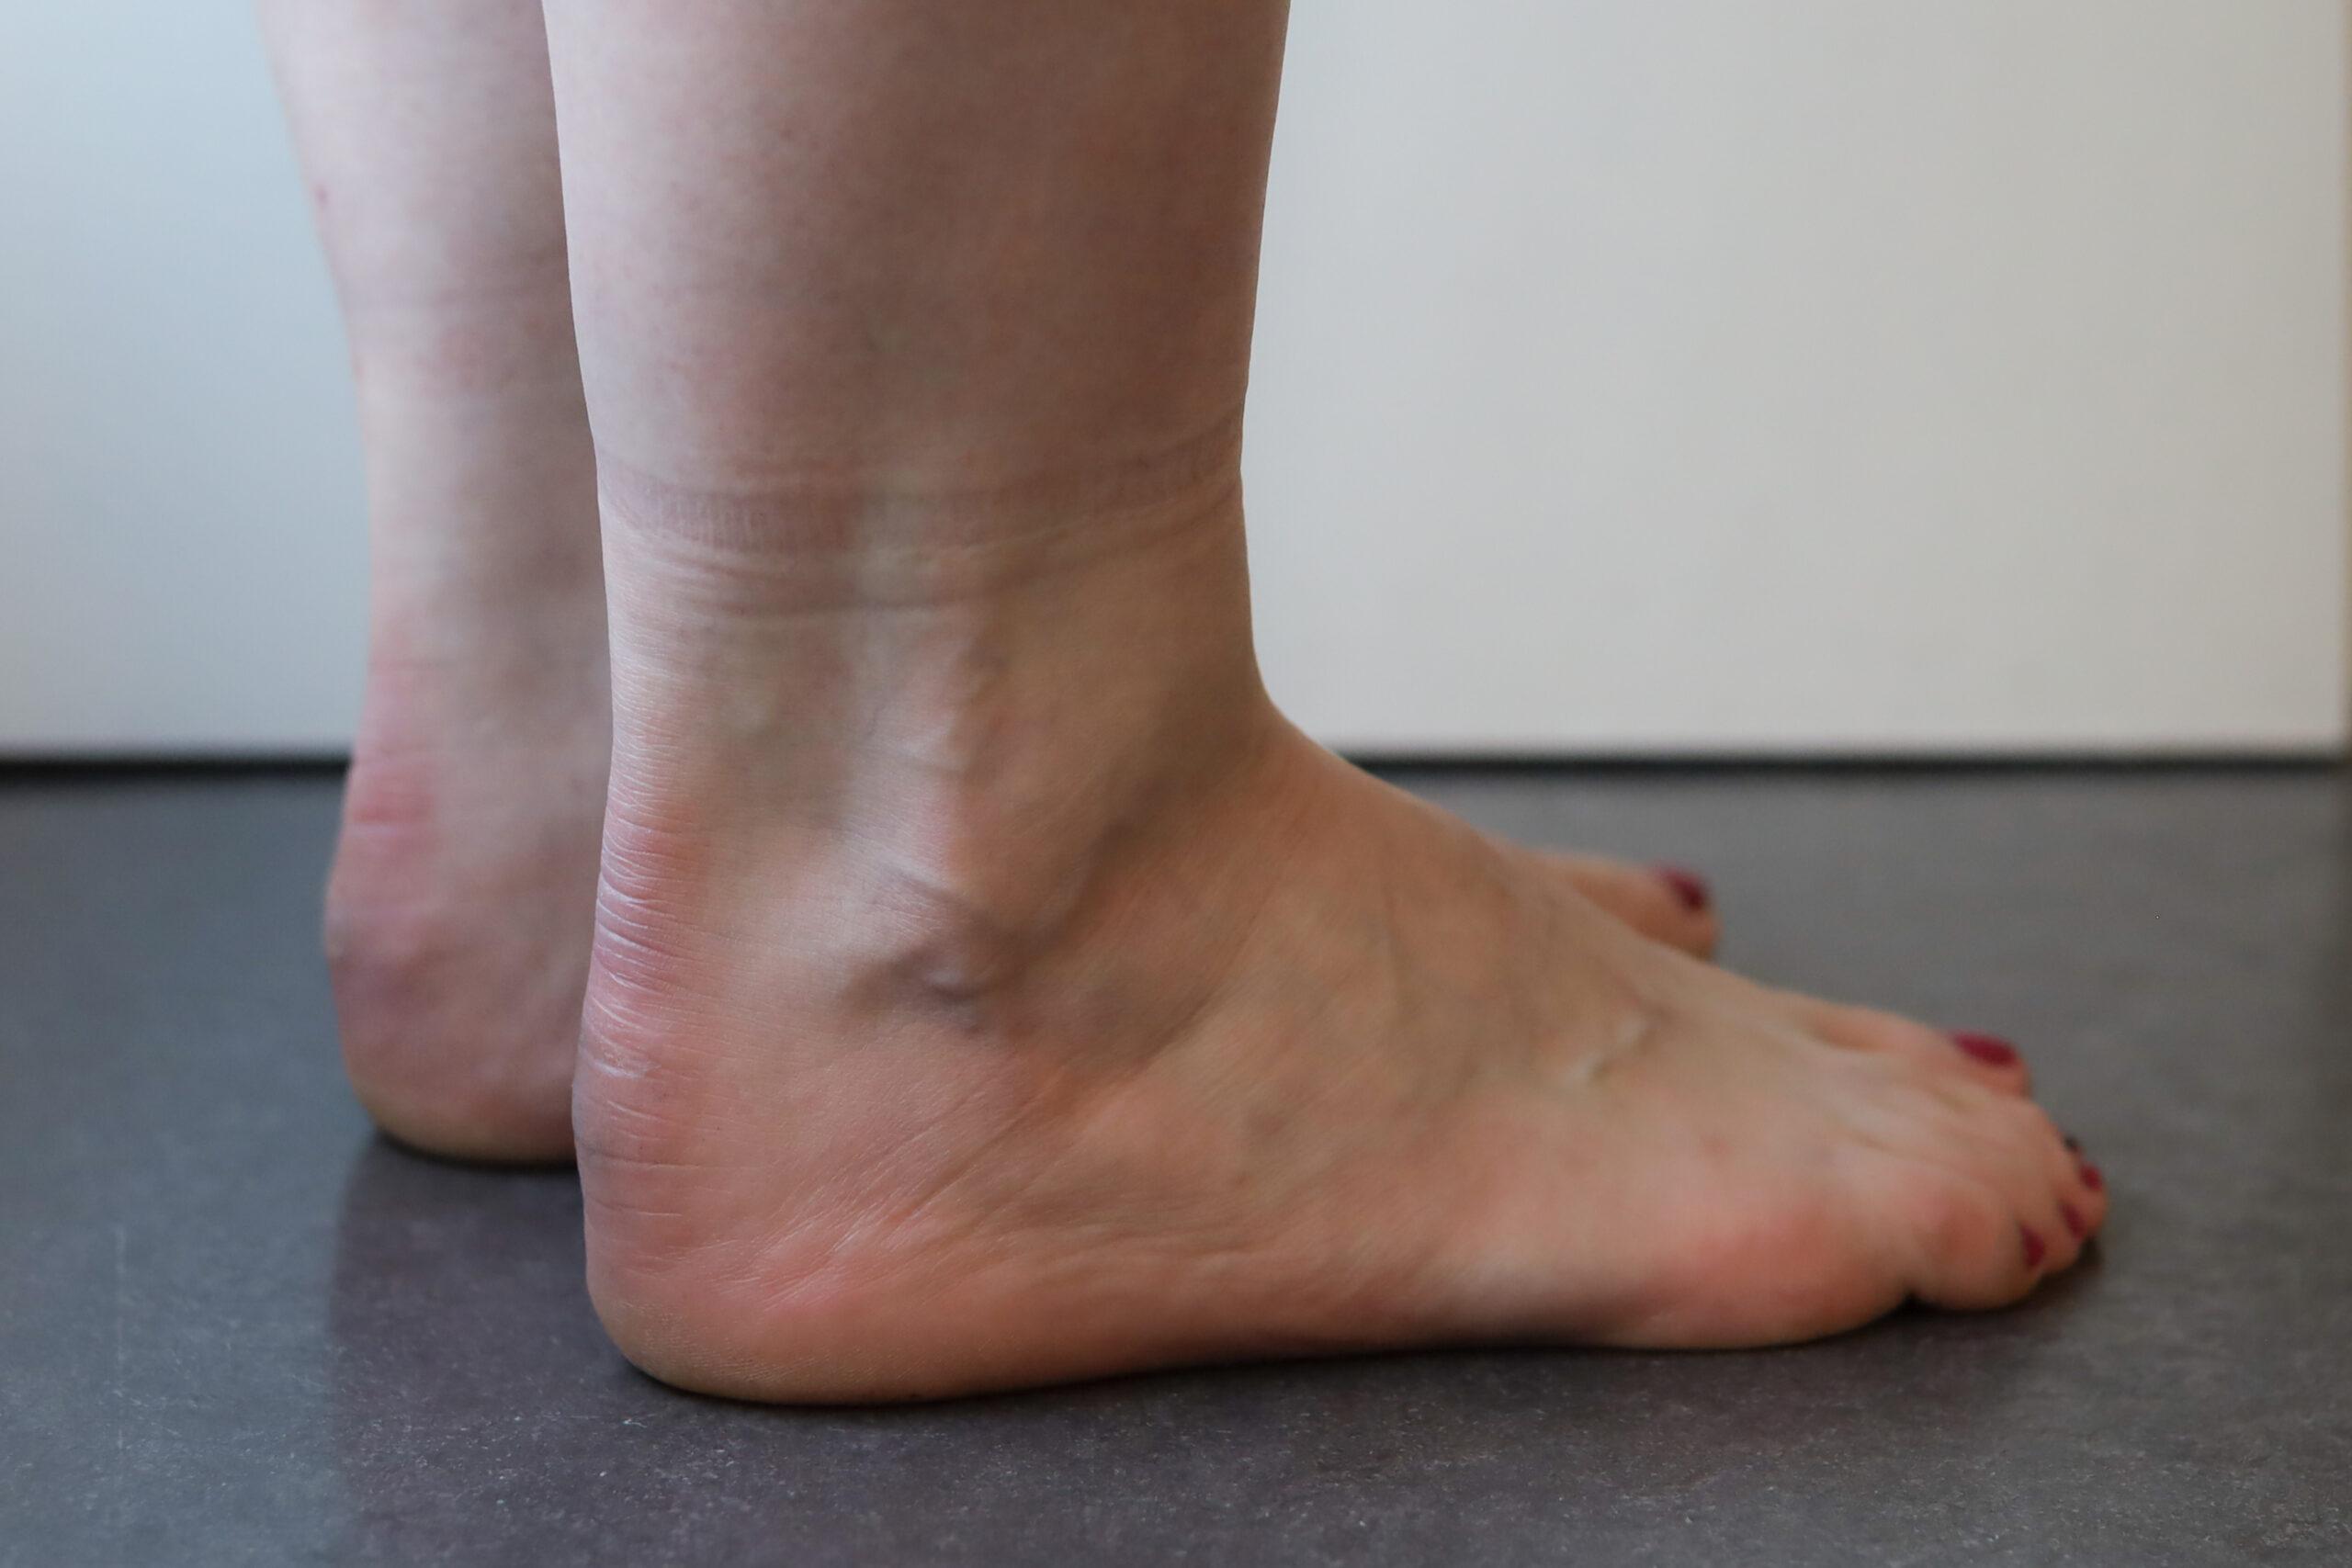 revalidatie na achillespees ruptuur bij fysiotherapie Nijmegen van Sport Medisch Centrum Papendal